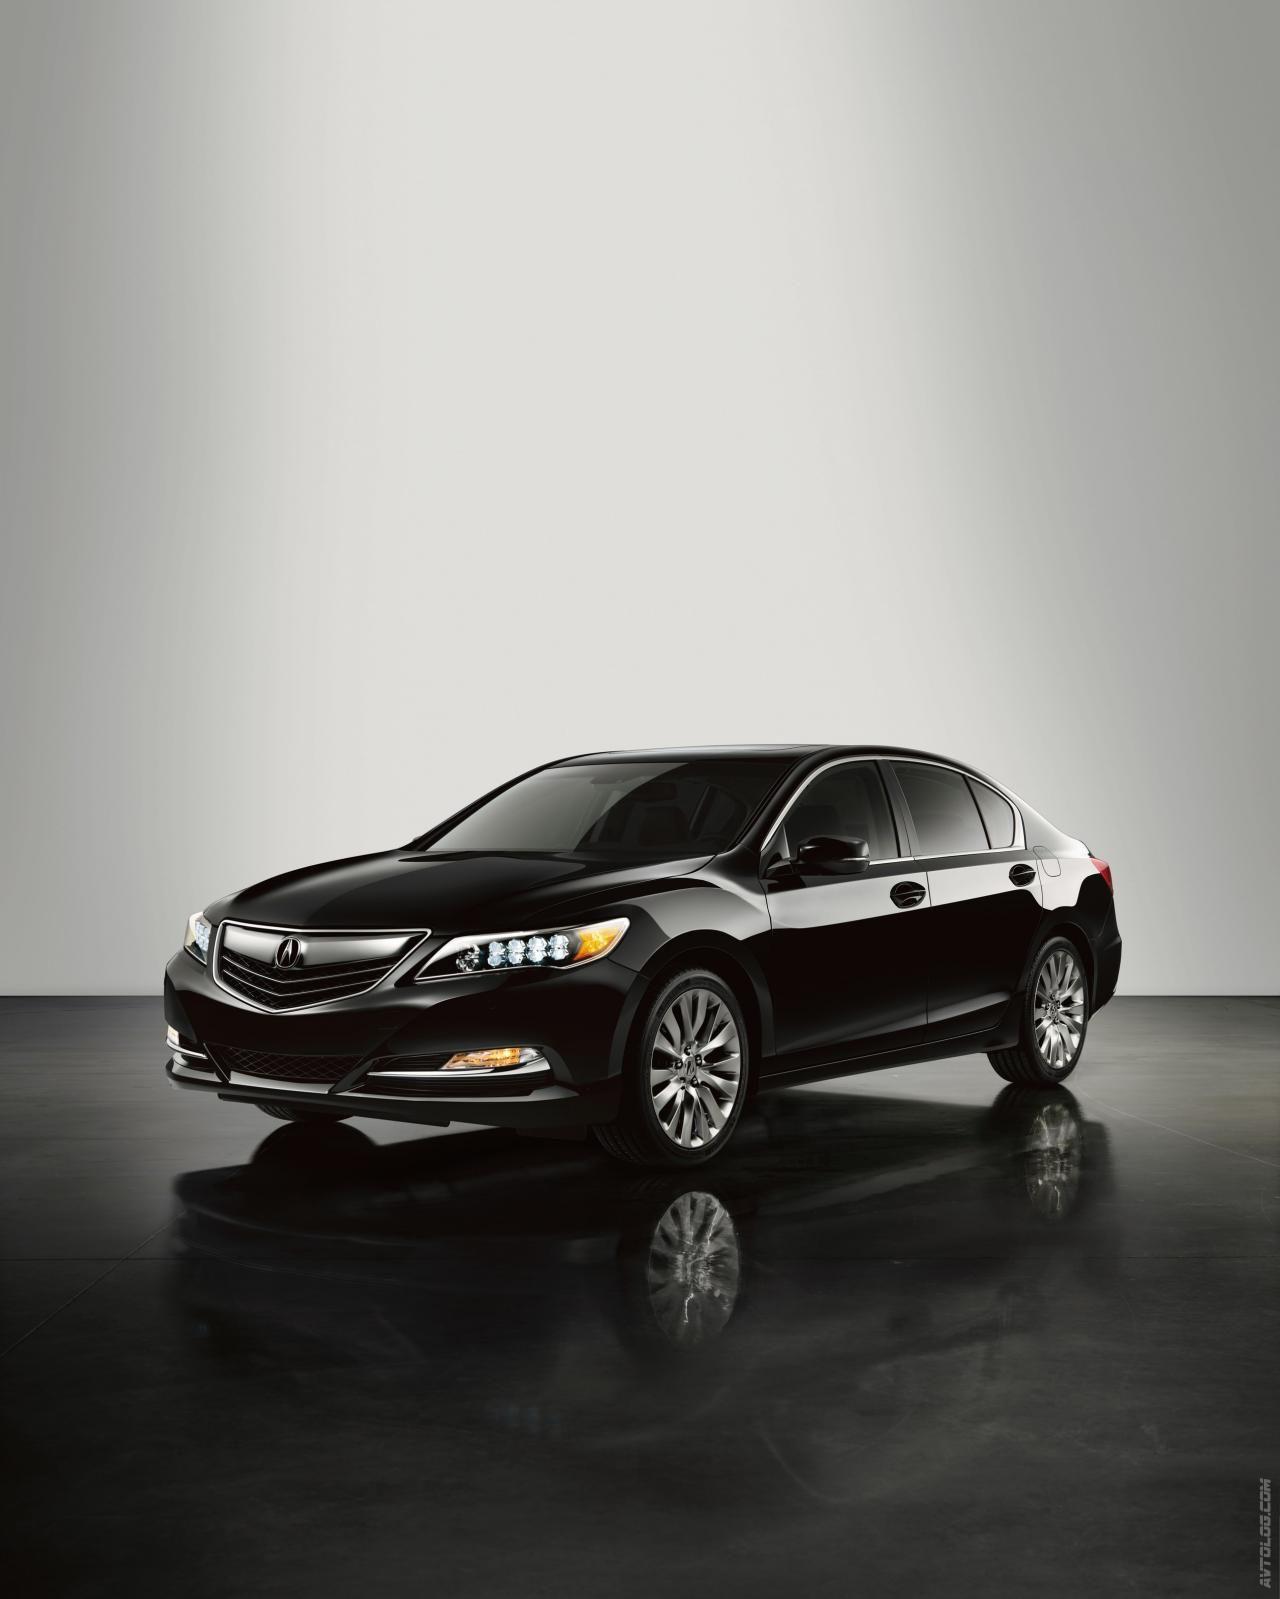 2014 Acura RLX, I WILL Be Getting You Soon I Hope!